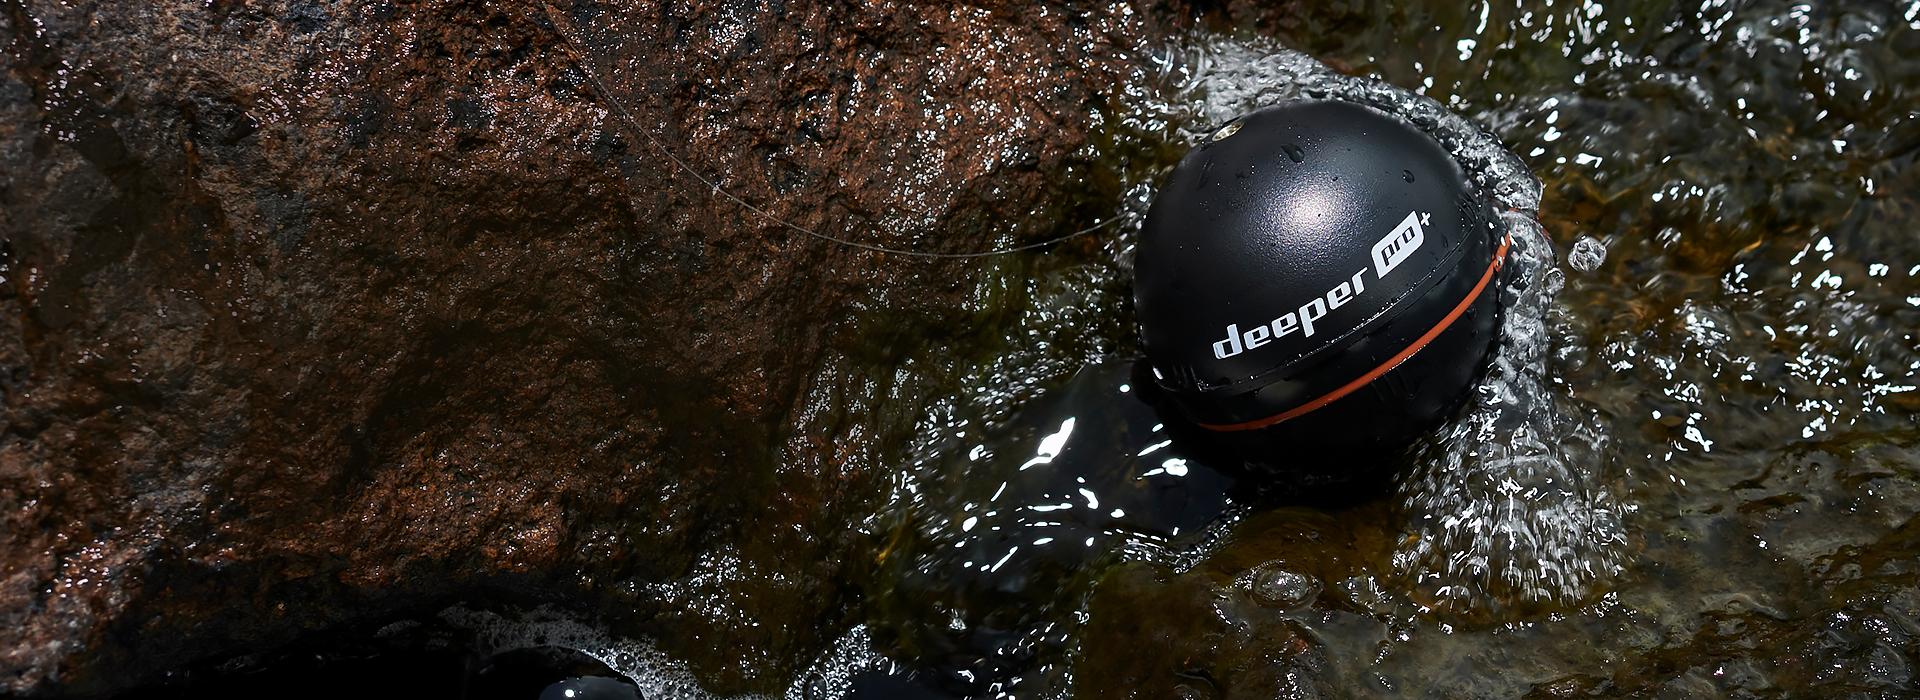 Fiți pregătit pentru următorul val de pescuit!Obțineți sonarul Deeper de la 899,00 Lei